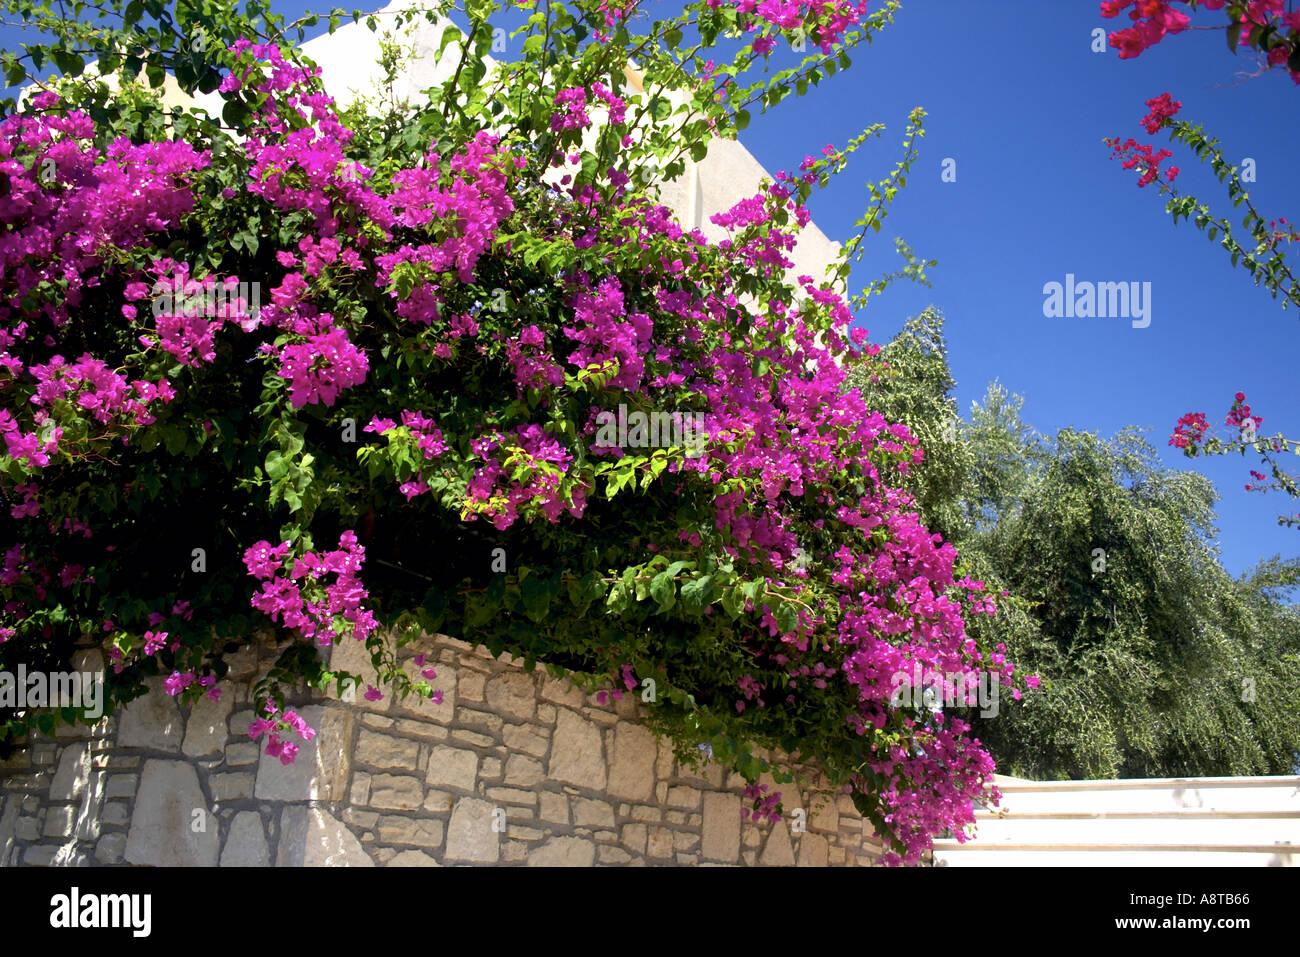 Bougainvillea Almyros Aghios Ayios Nikolaos Ag Nik Eastern Crete Greece Europe Stock Photo